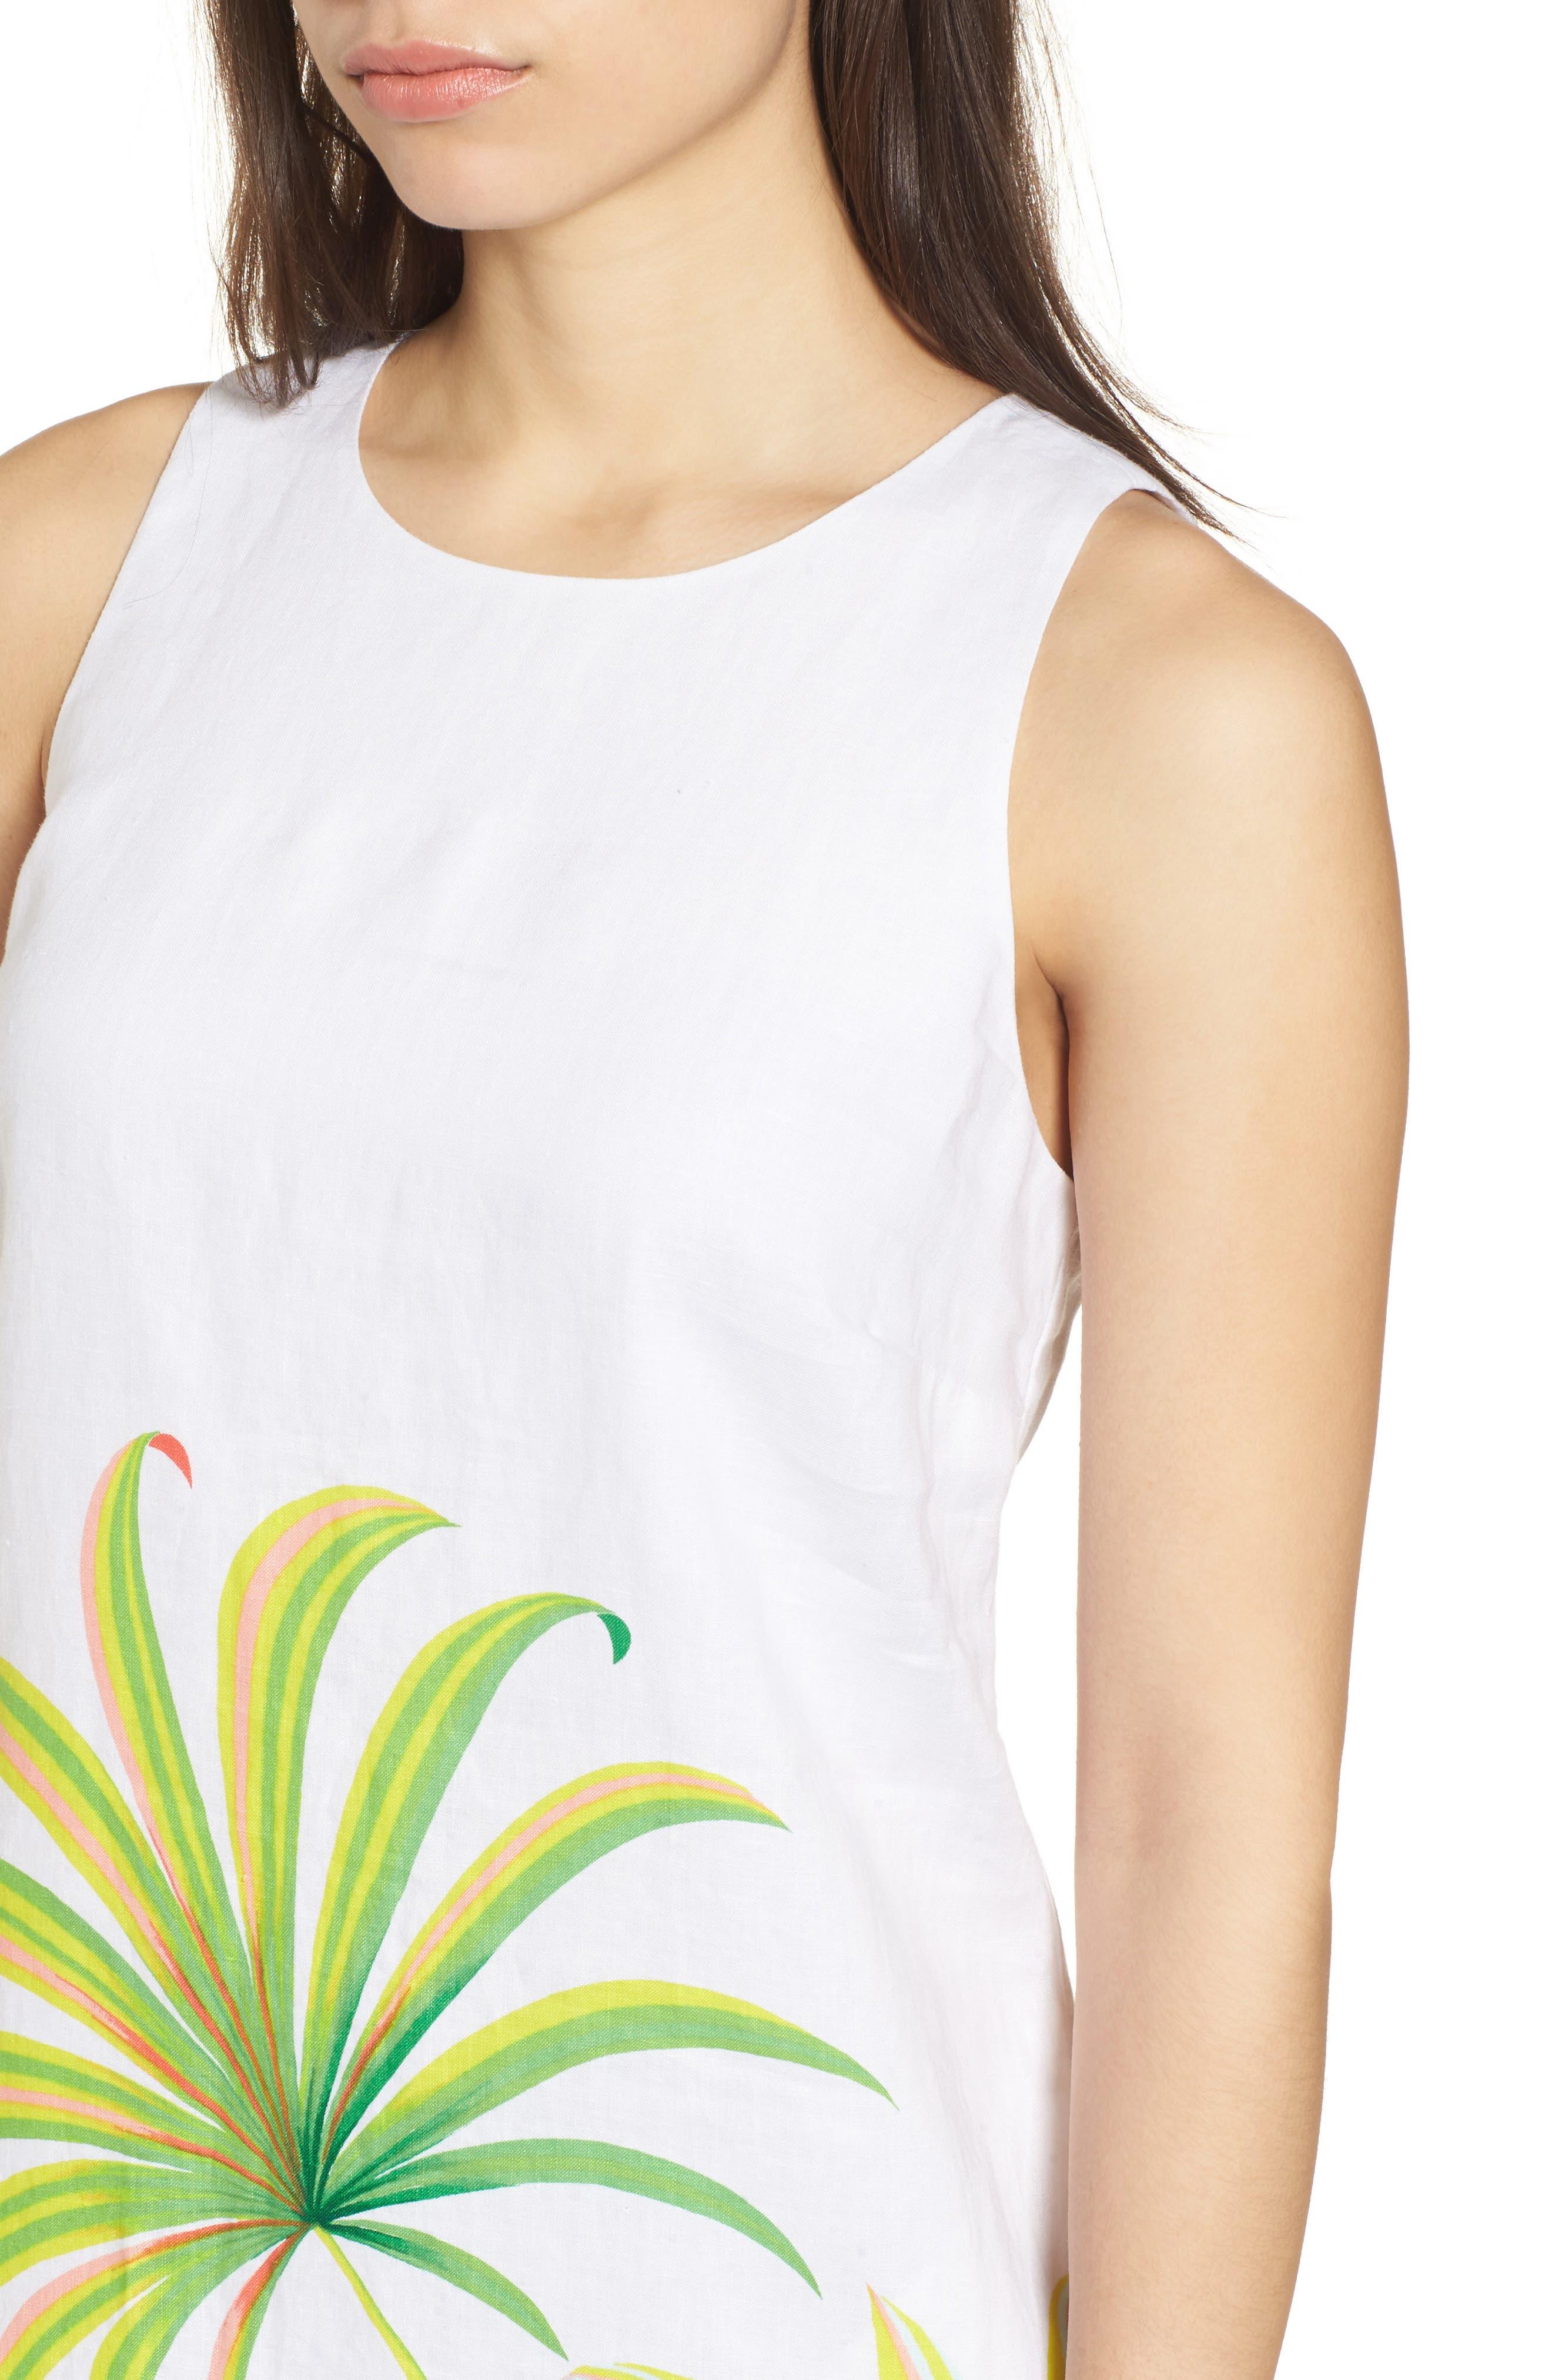 Cricue de Palm Shift Dress,                             Alternate thumbnail 4, color,                             White